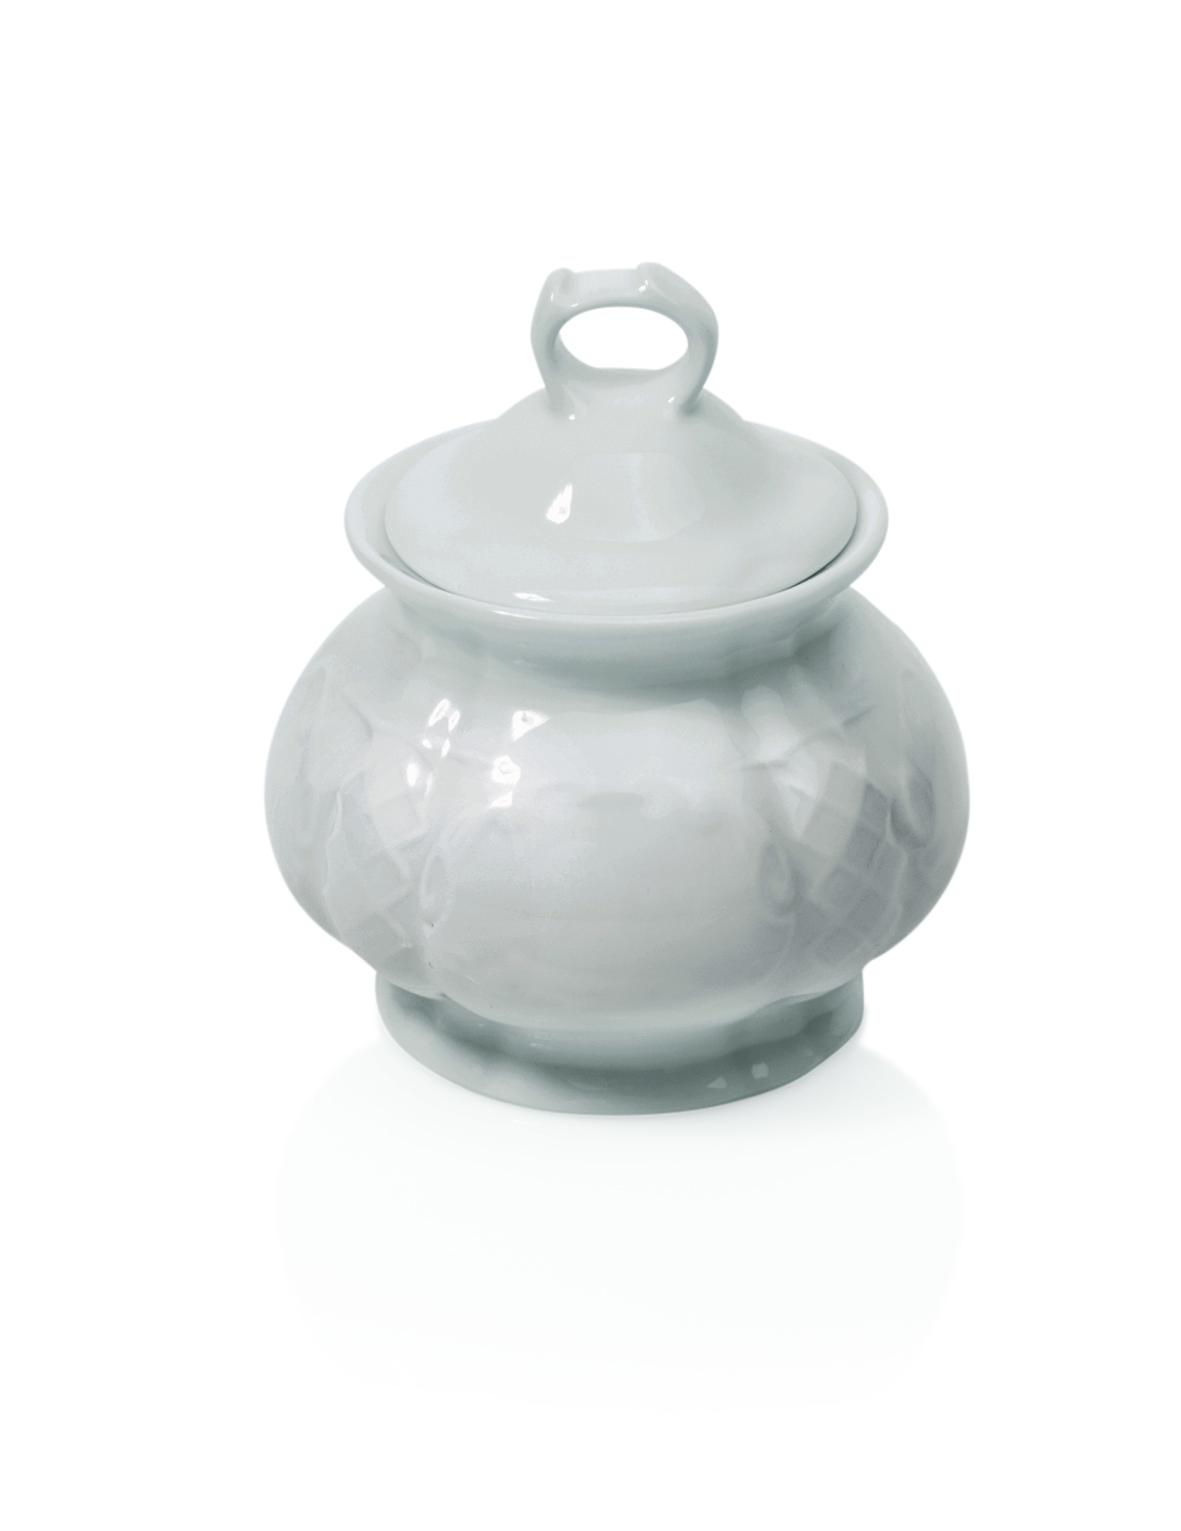 Zuckerdose aus Porzellan mit Deckel 0,25 ltr